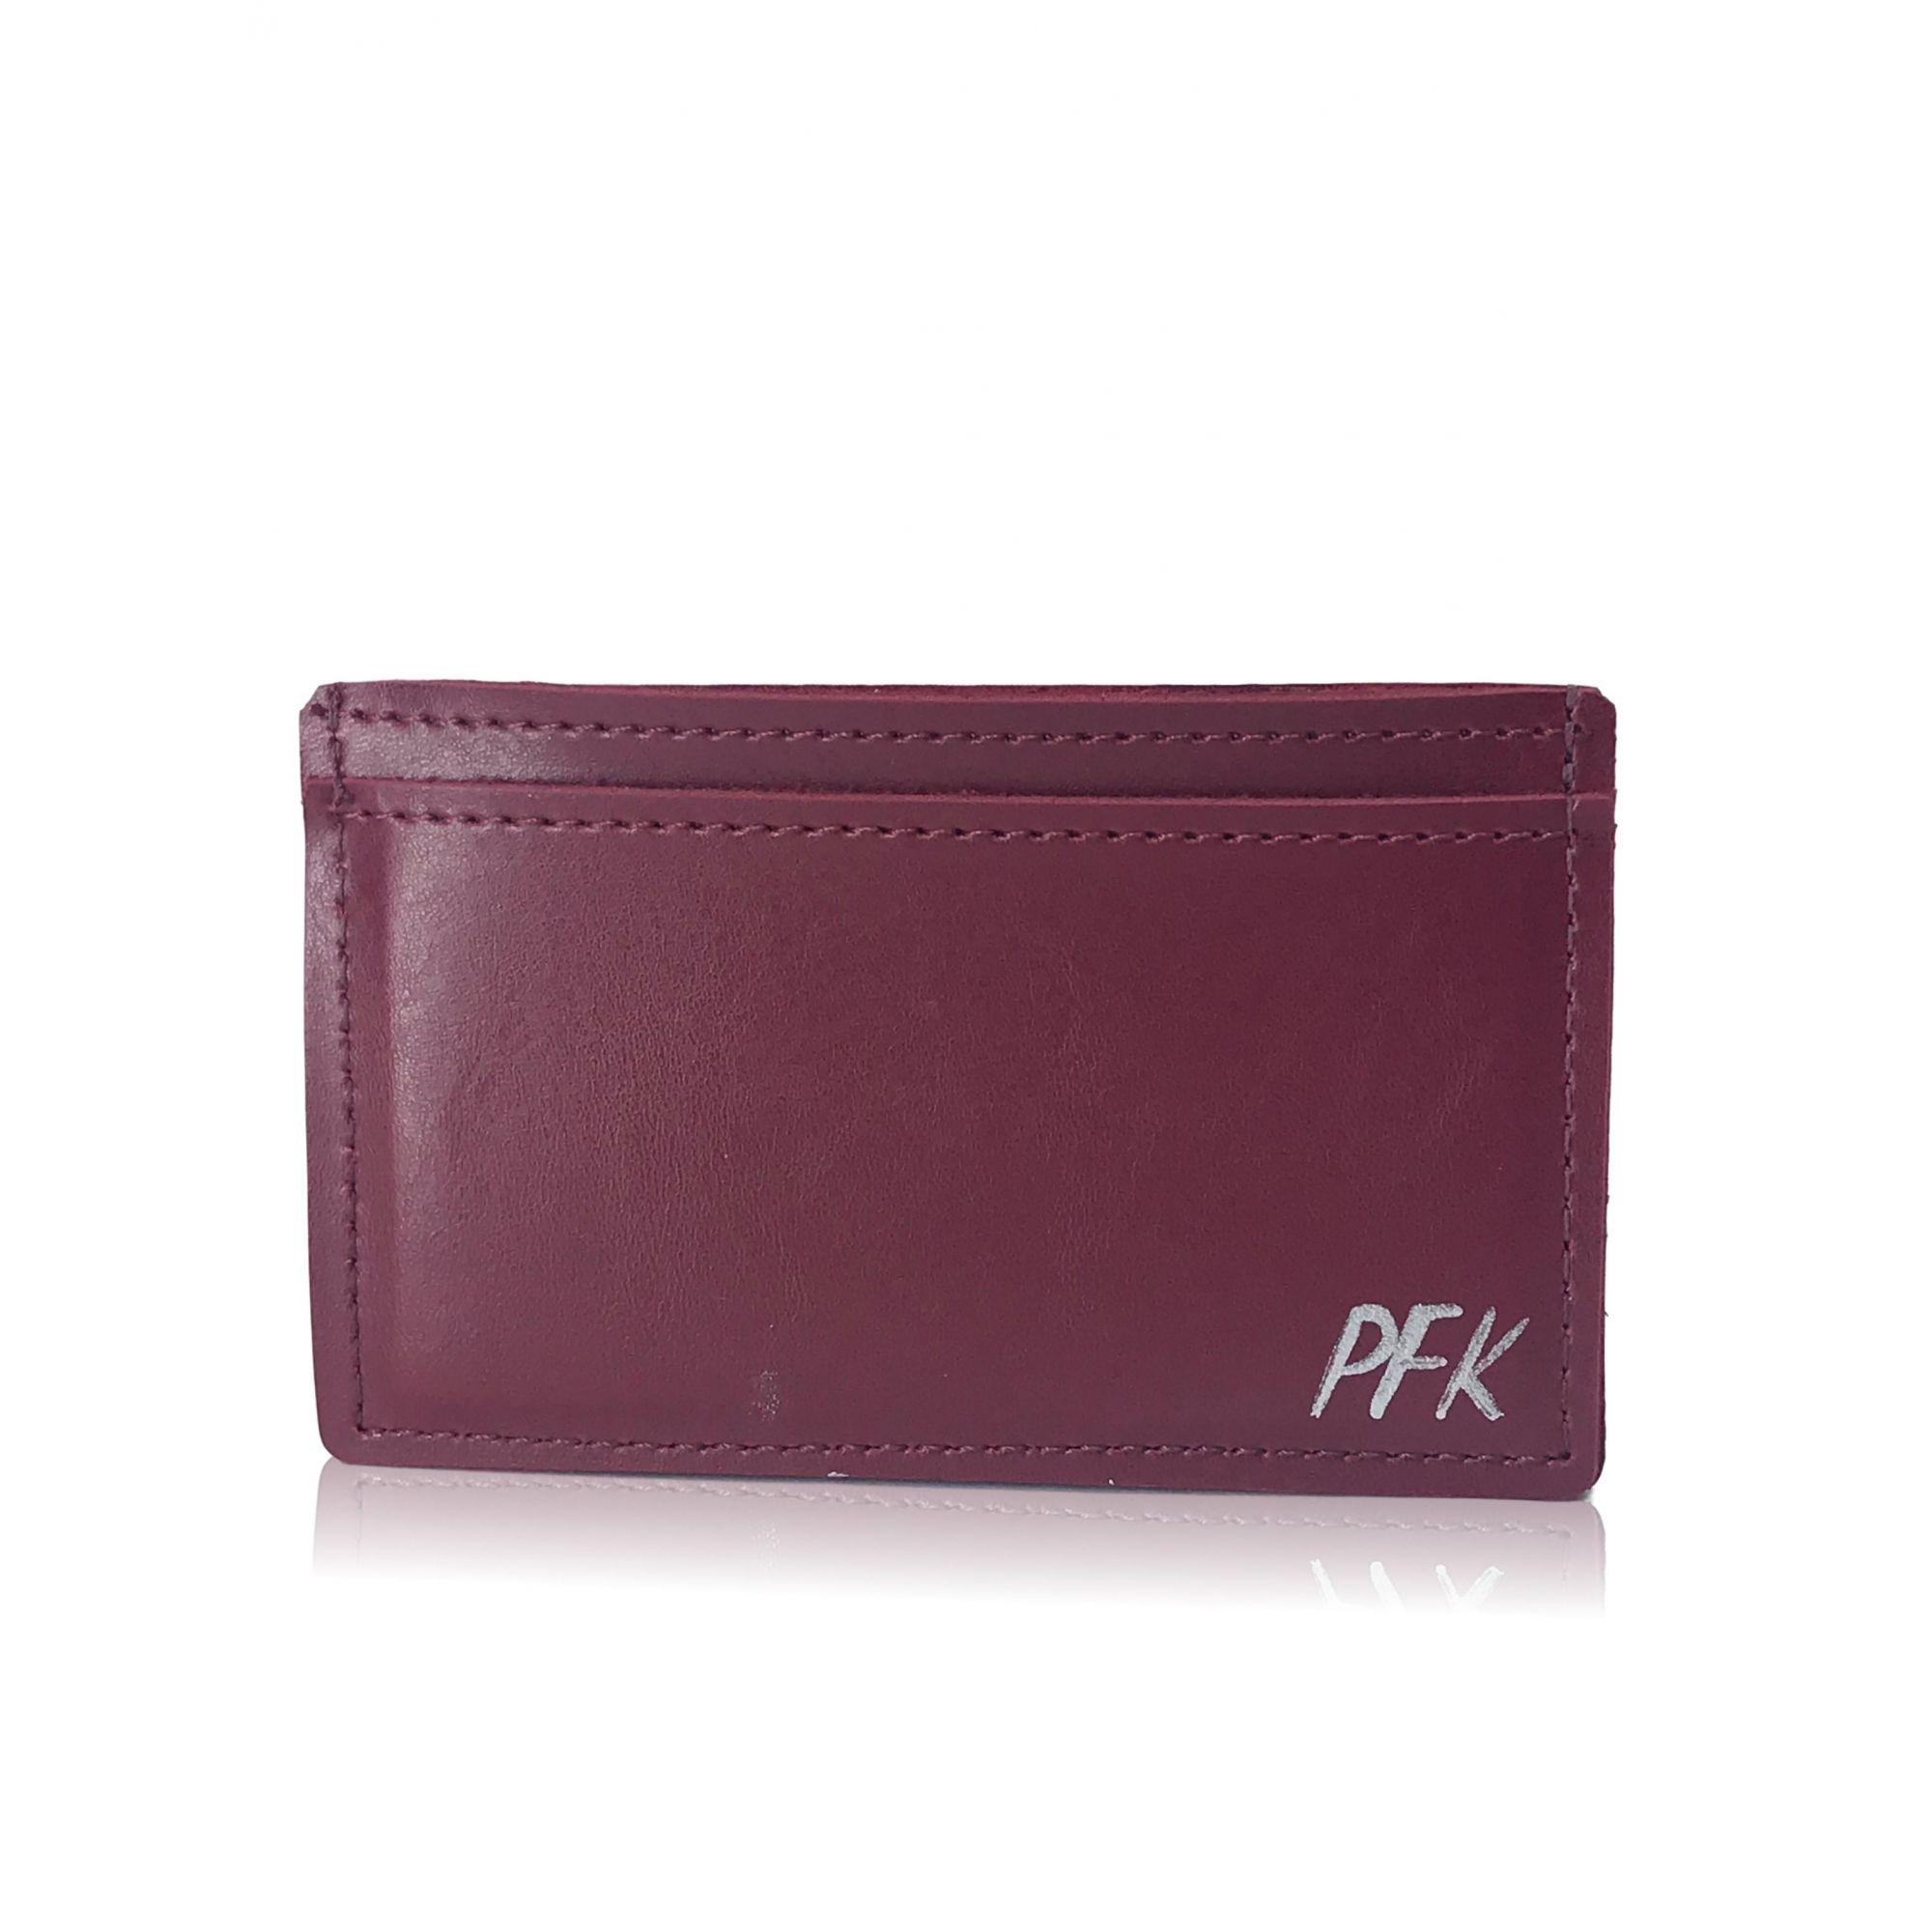 Card Hold Paula Frank Kiss